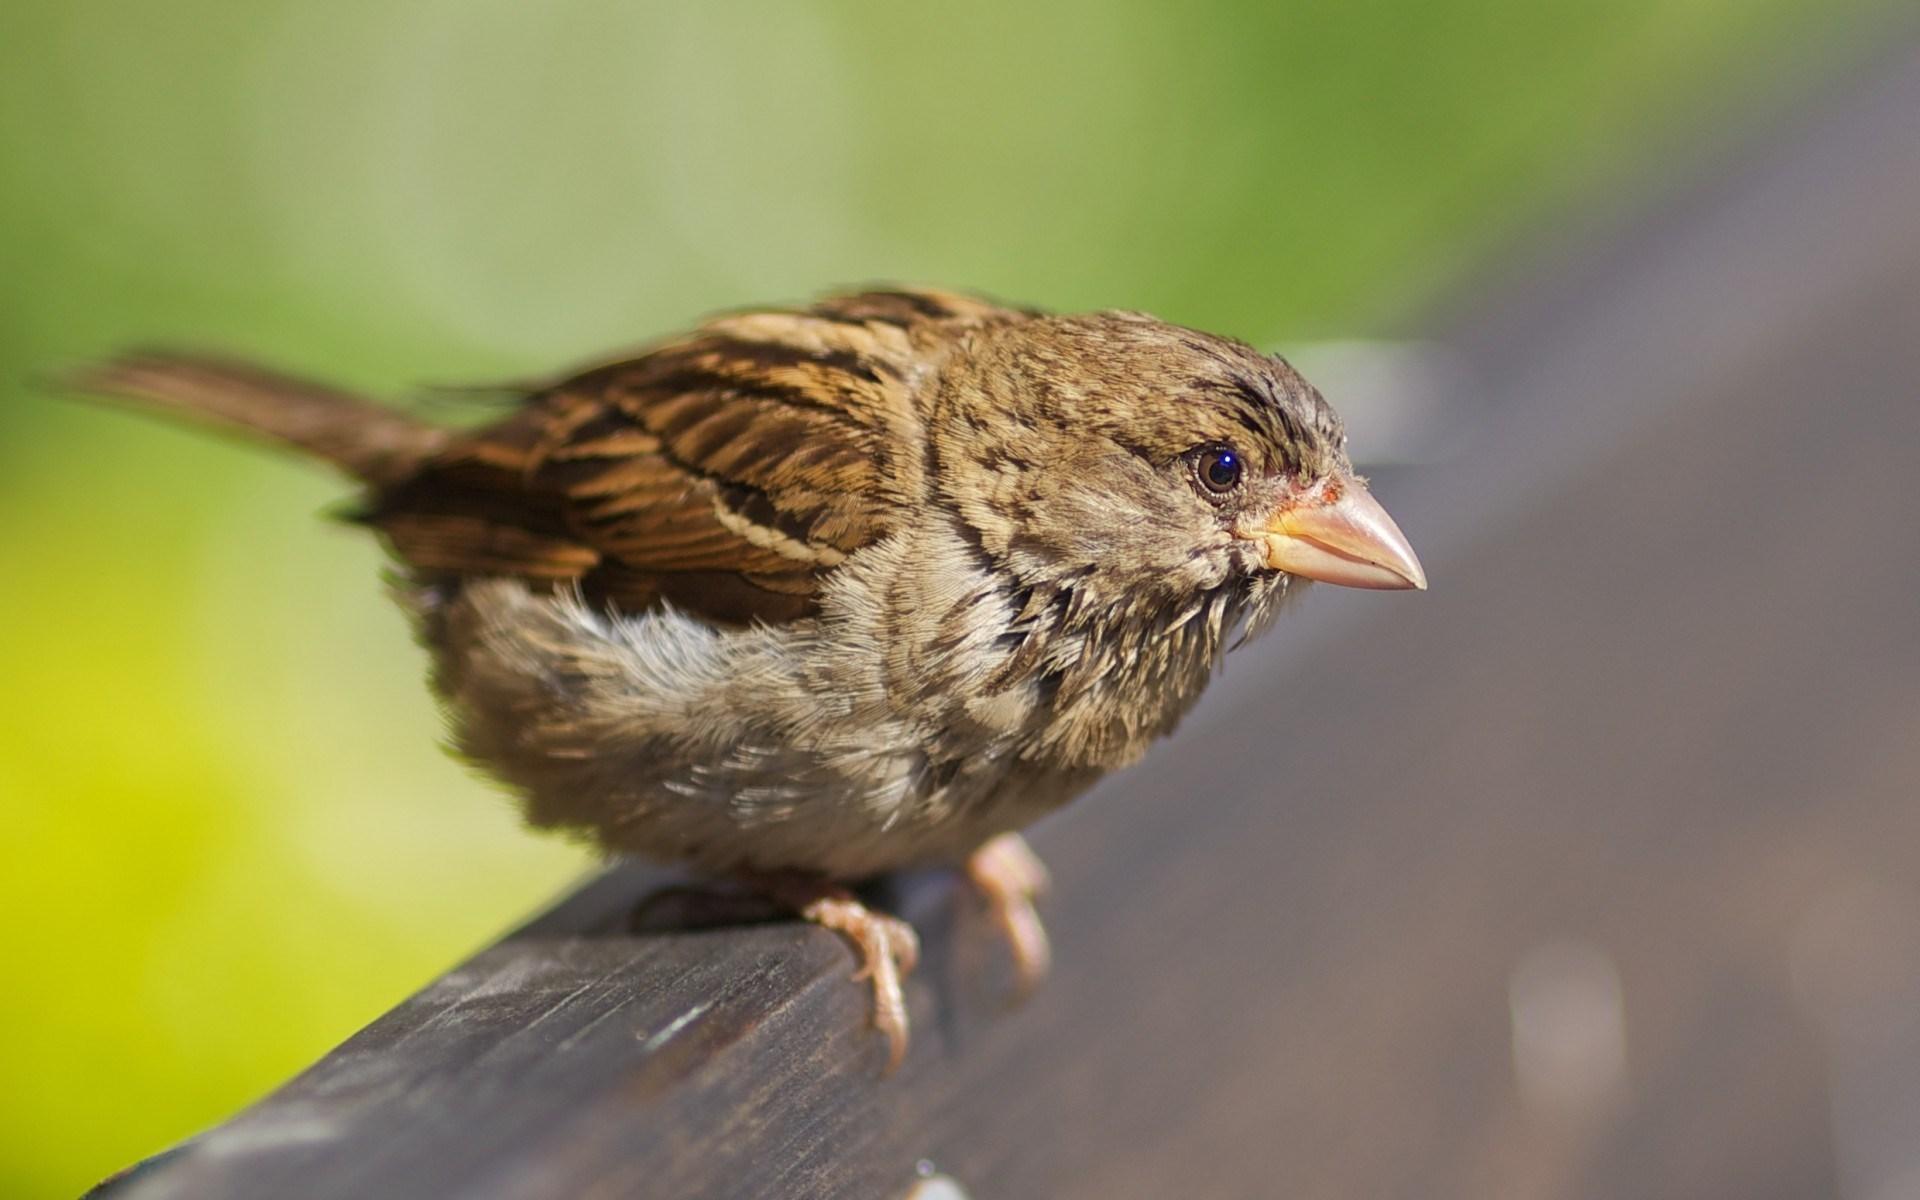 Bird Sparrow Beak